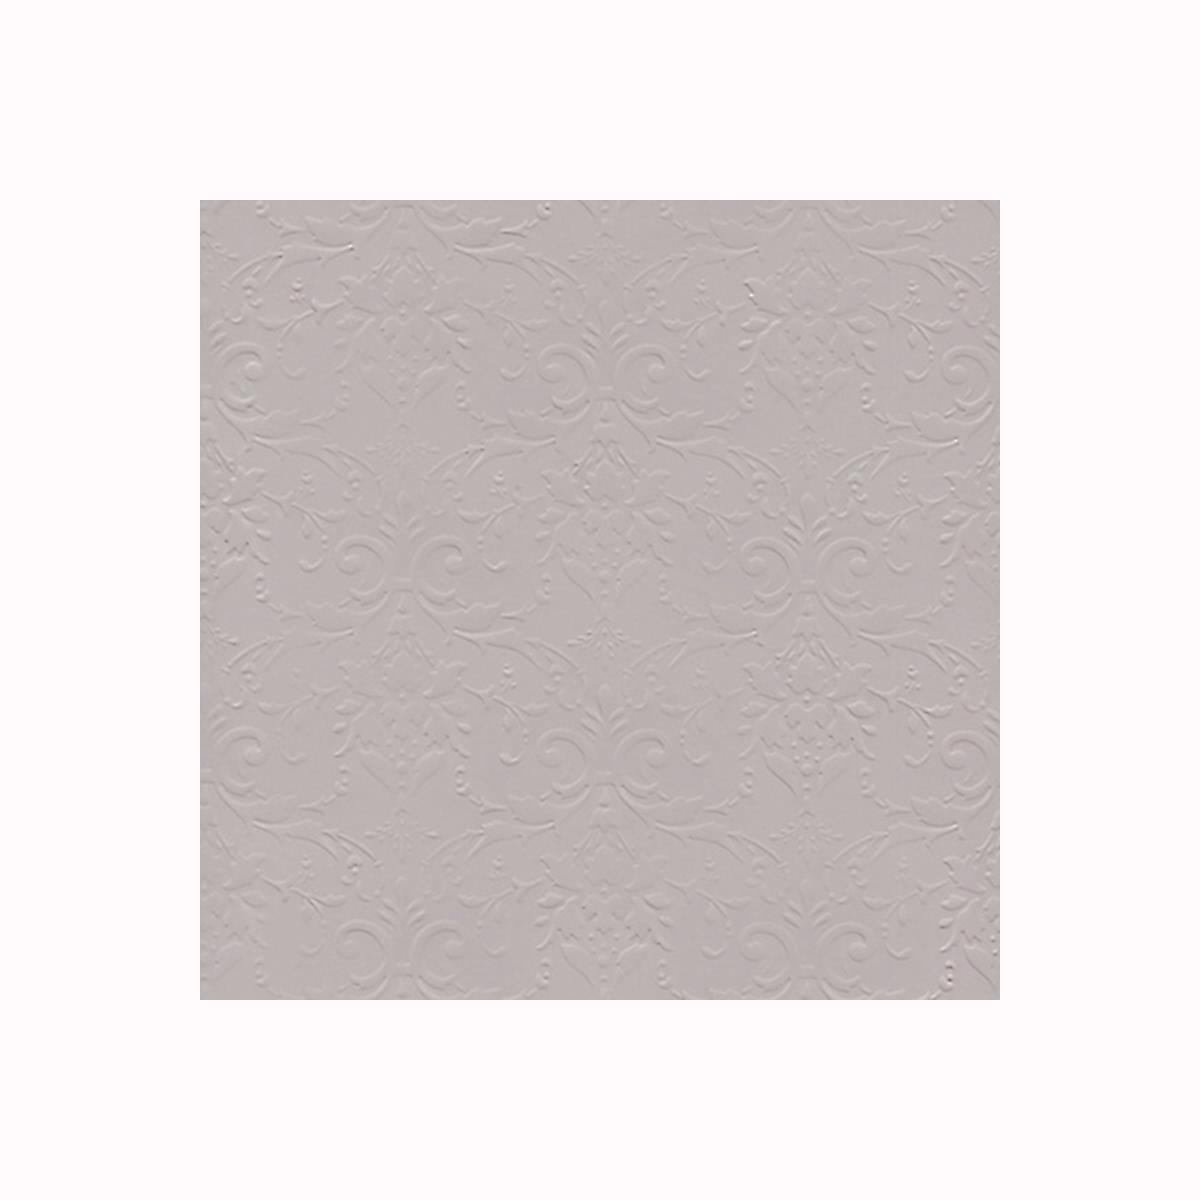 Бумага фактурная Лоза Дамасский узор, цвет: серый, 3 листаC0042416Фактурная бумага для скрапбукинга Лоза Дамасский узор позволит создать красивый альбом, фоторамку или открытку ручной работы, оформить подарок или аппликацию. Набор включает в себя 3 листа из плотной бумаги. Скрапбукинг - это хобби, которое способно приносить массу приятных эмоций не только человеку, который этим занимается, но и его близким, друзьям, родным. Это невероятно увлекательное занятие, которое поможет вам сохранить наиболее памятные и яркие моменты вашей жизни, а также интересно оформить интерьер дома.Плотность бумаги: 200 г/м2.